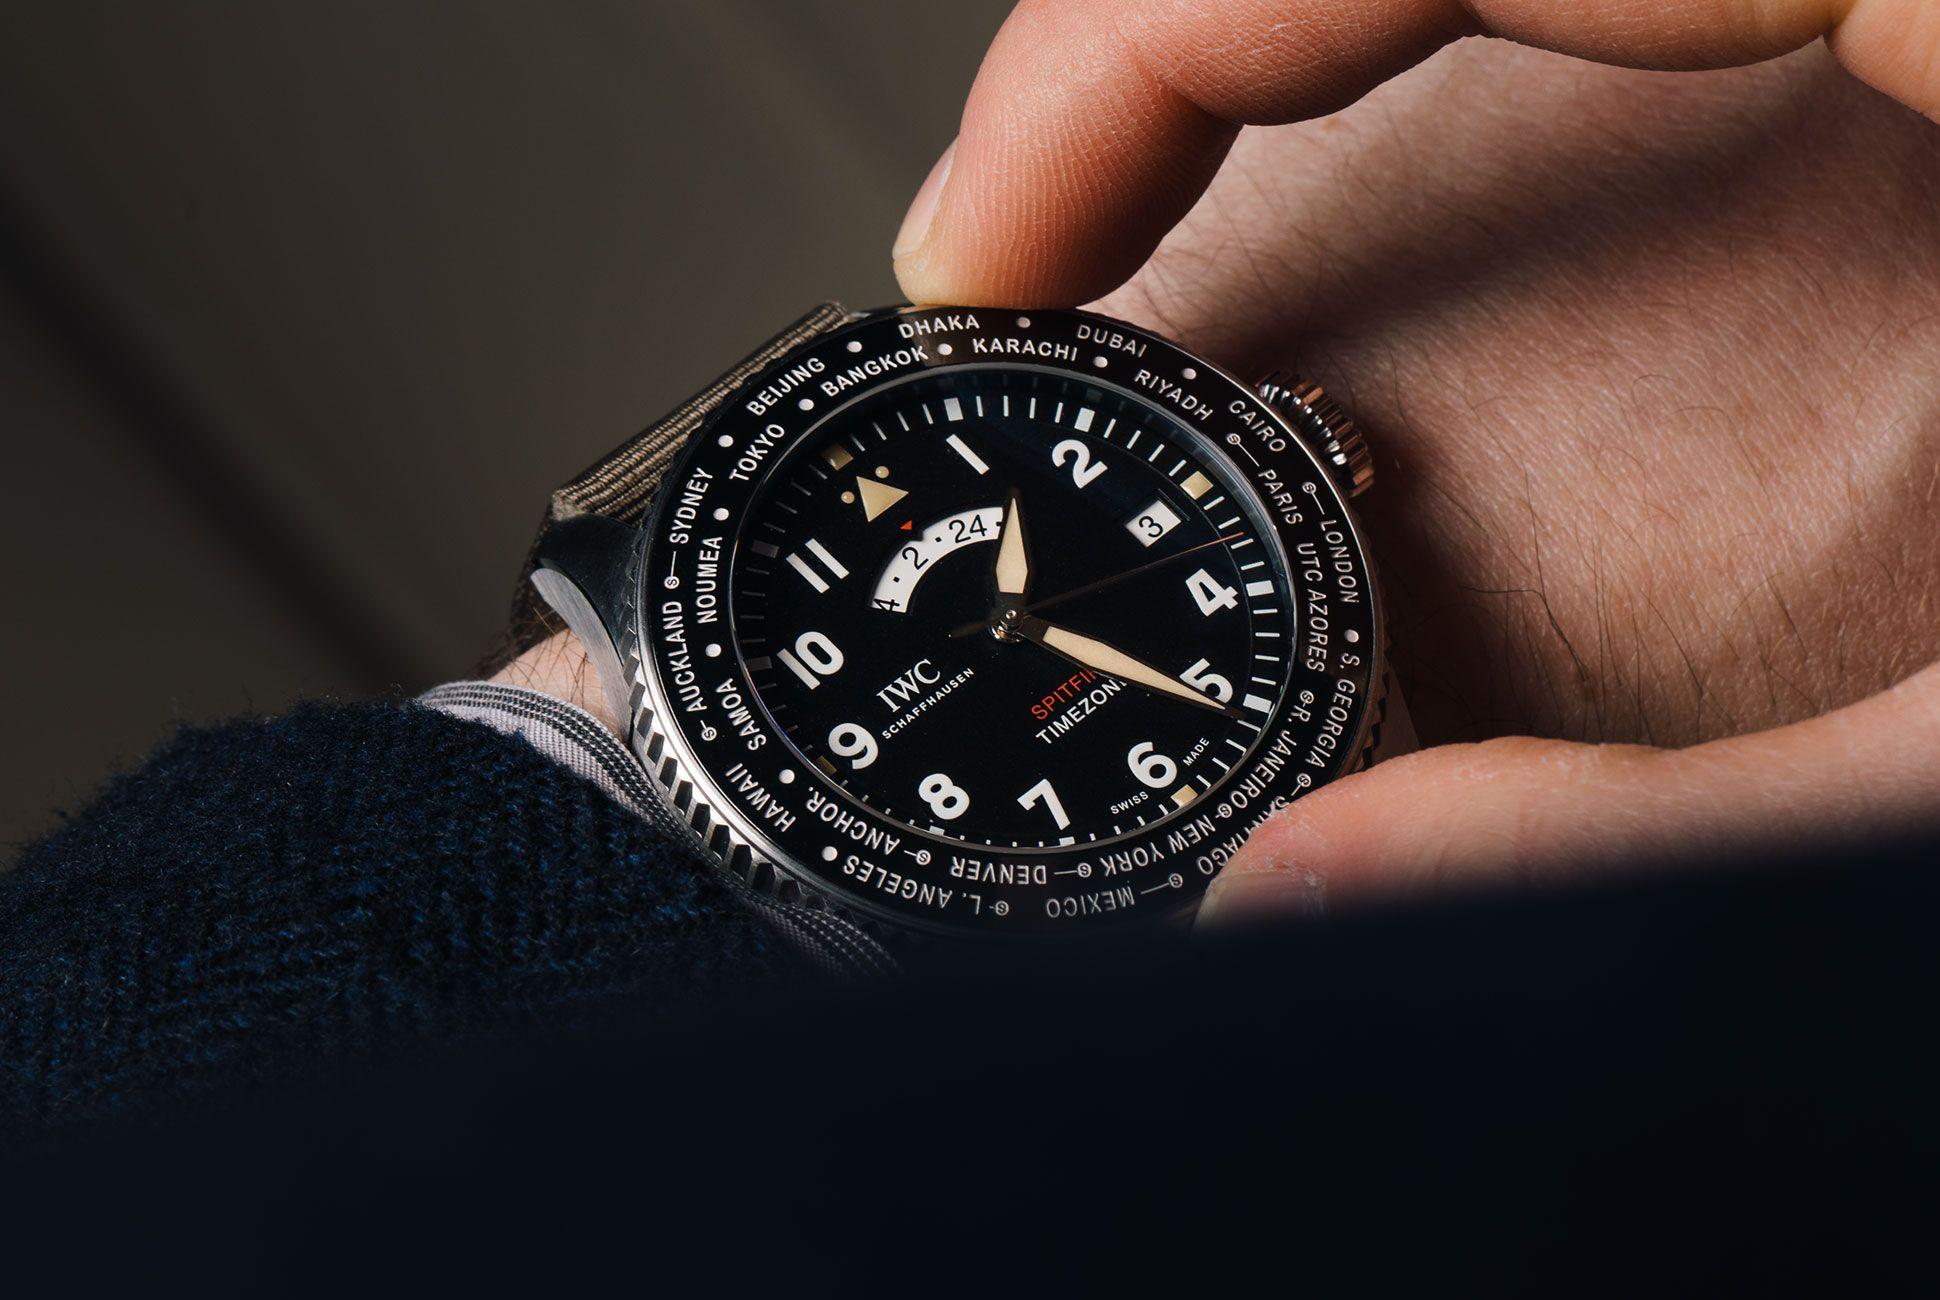 Best-of-SIHH-gear-patrol-IWC-Timezoner-The-Longest-Flight-slide-3